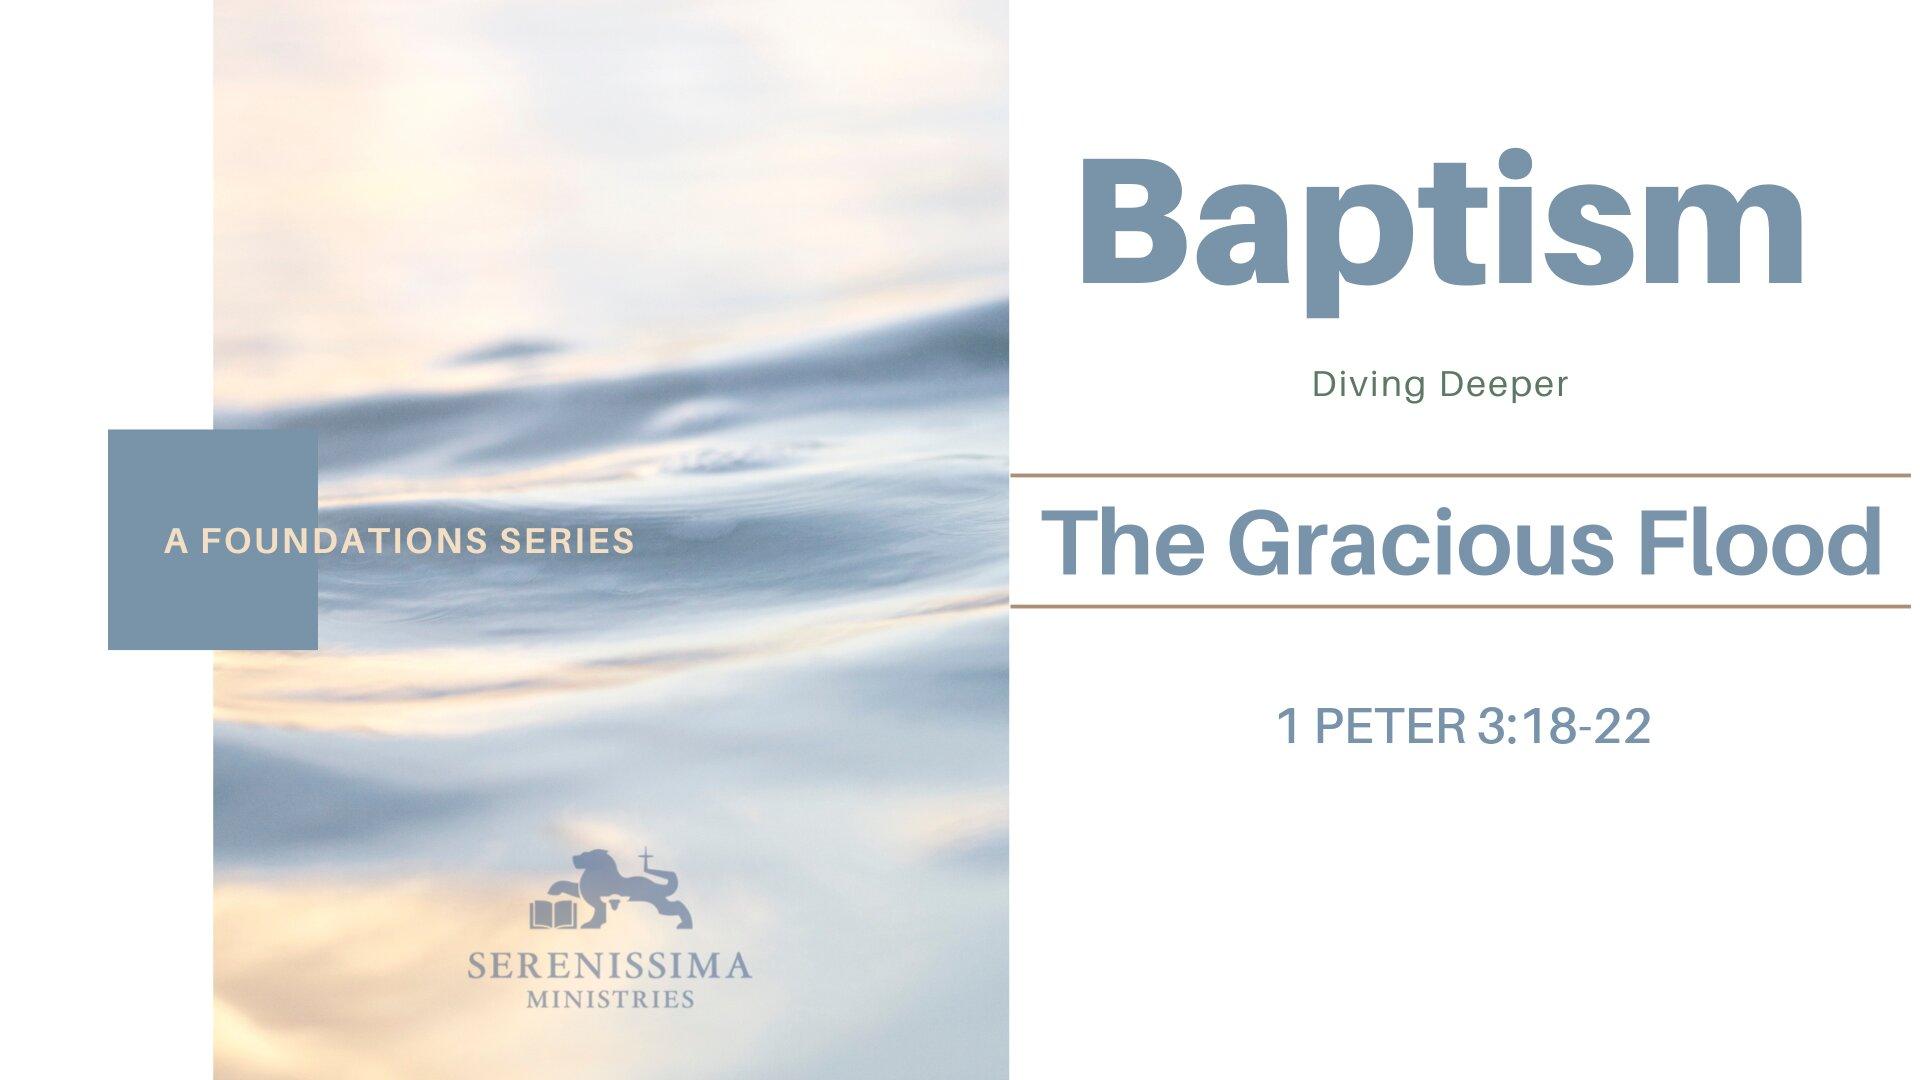 The Gracious Flood